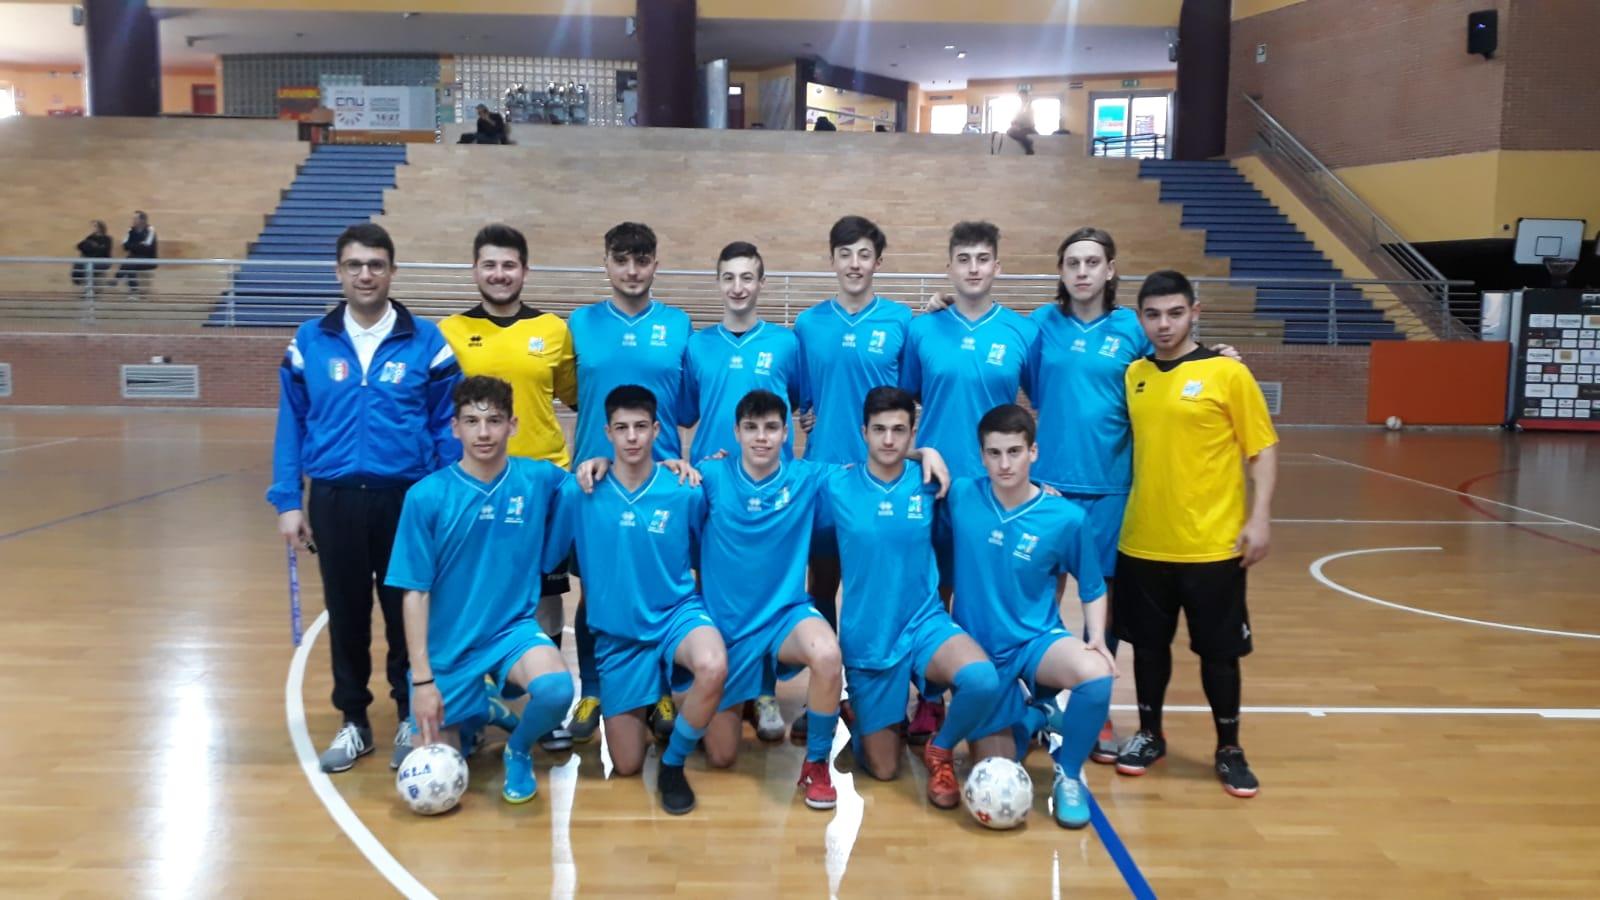 Calcio a 5: il Molise scende in campo nel torneo delle regioni di calcio a 5 in Basilicata. Presenti le formazioni juniores, allievi e femminile.